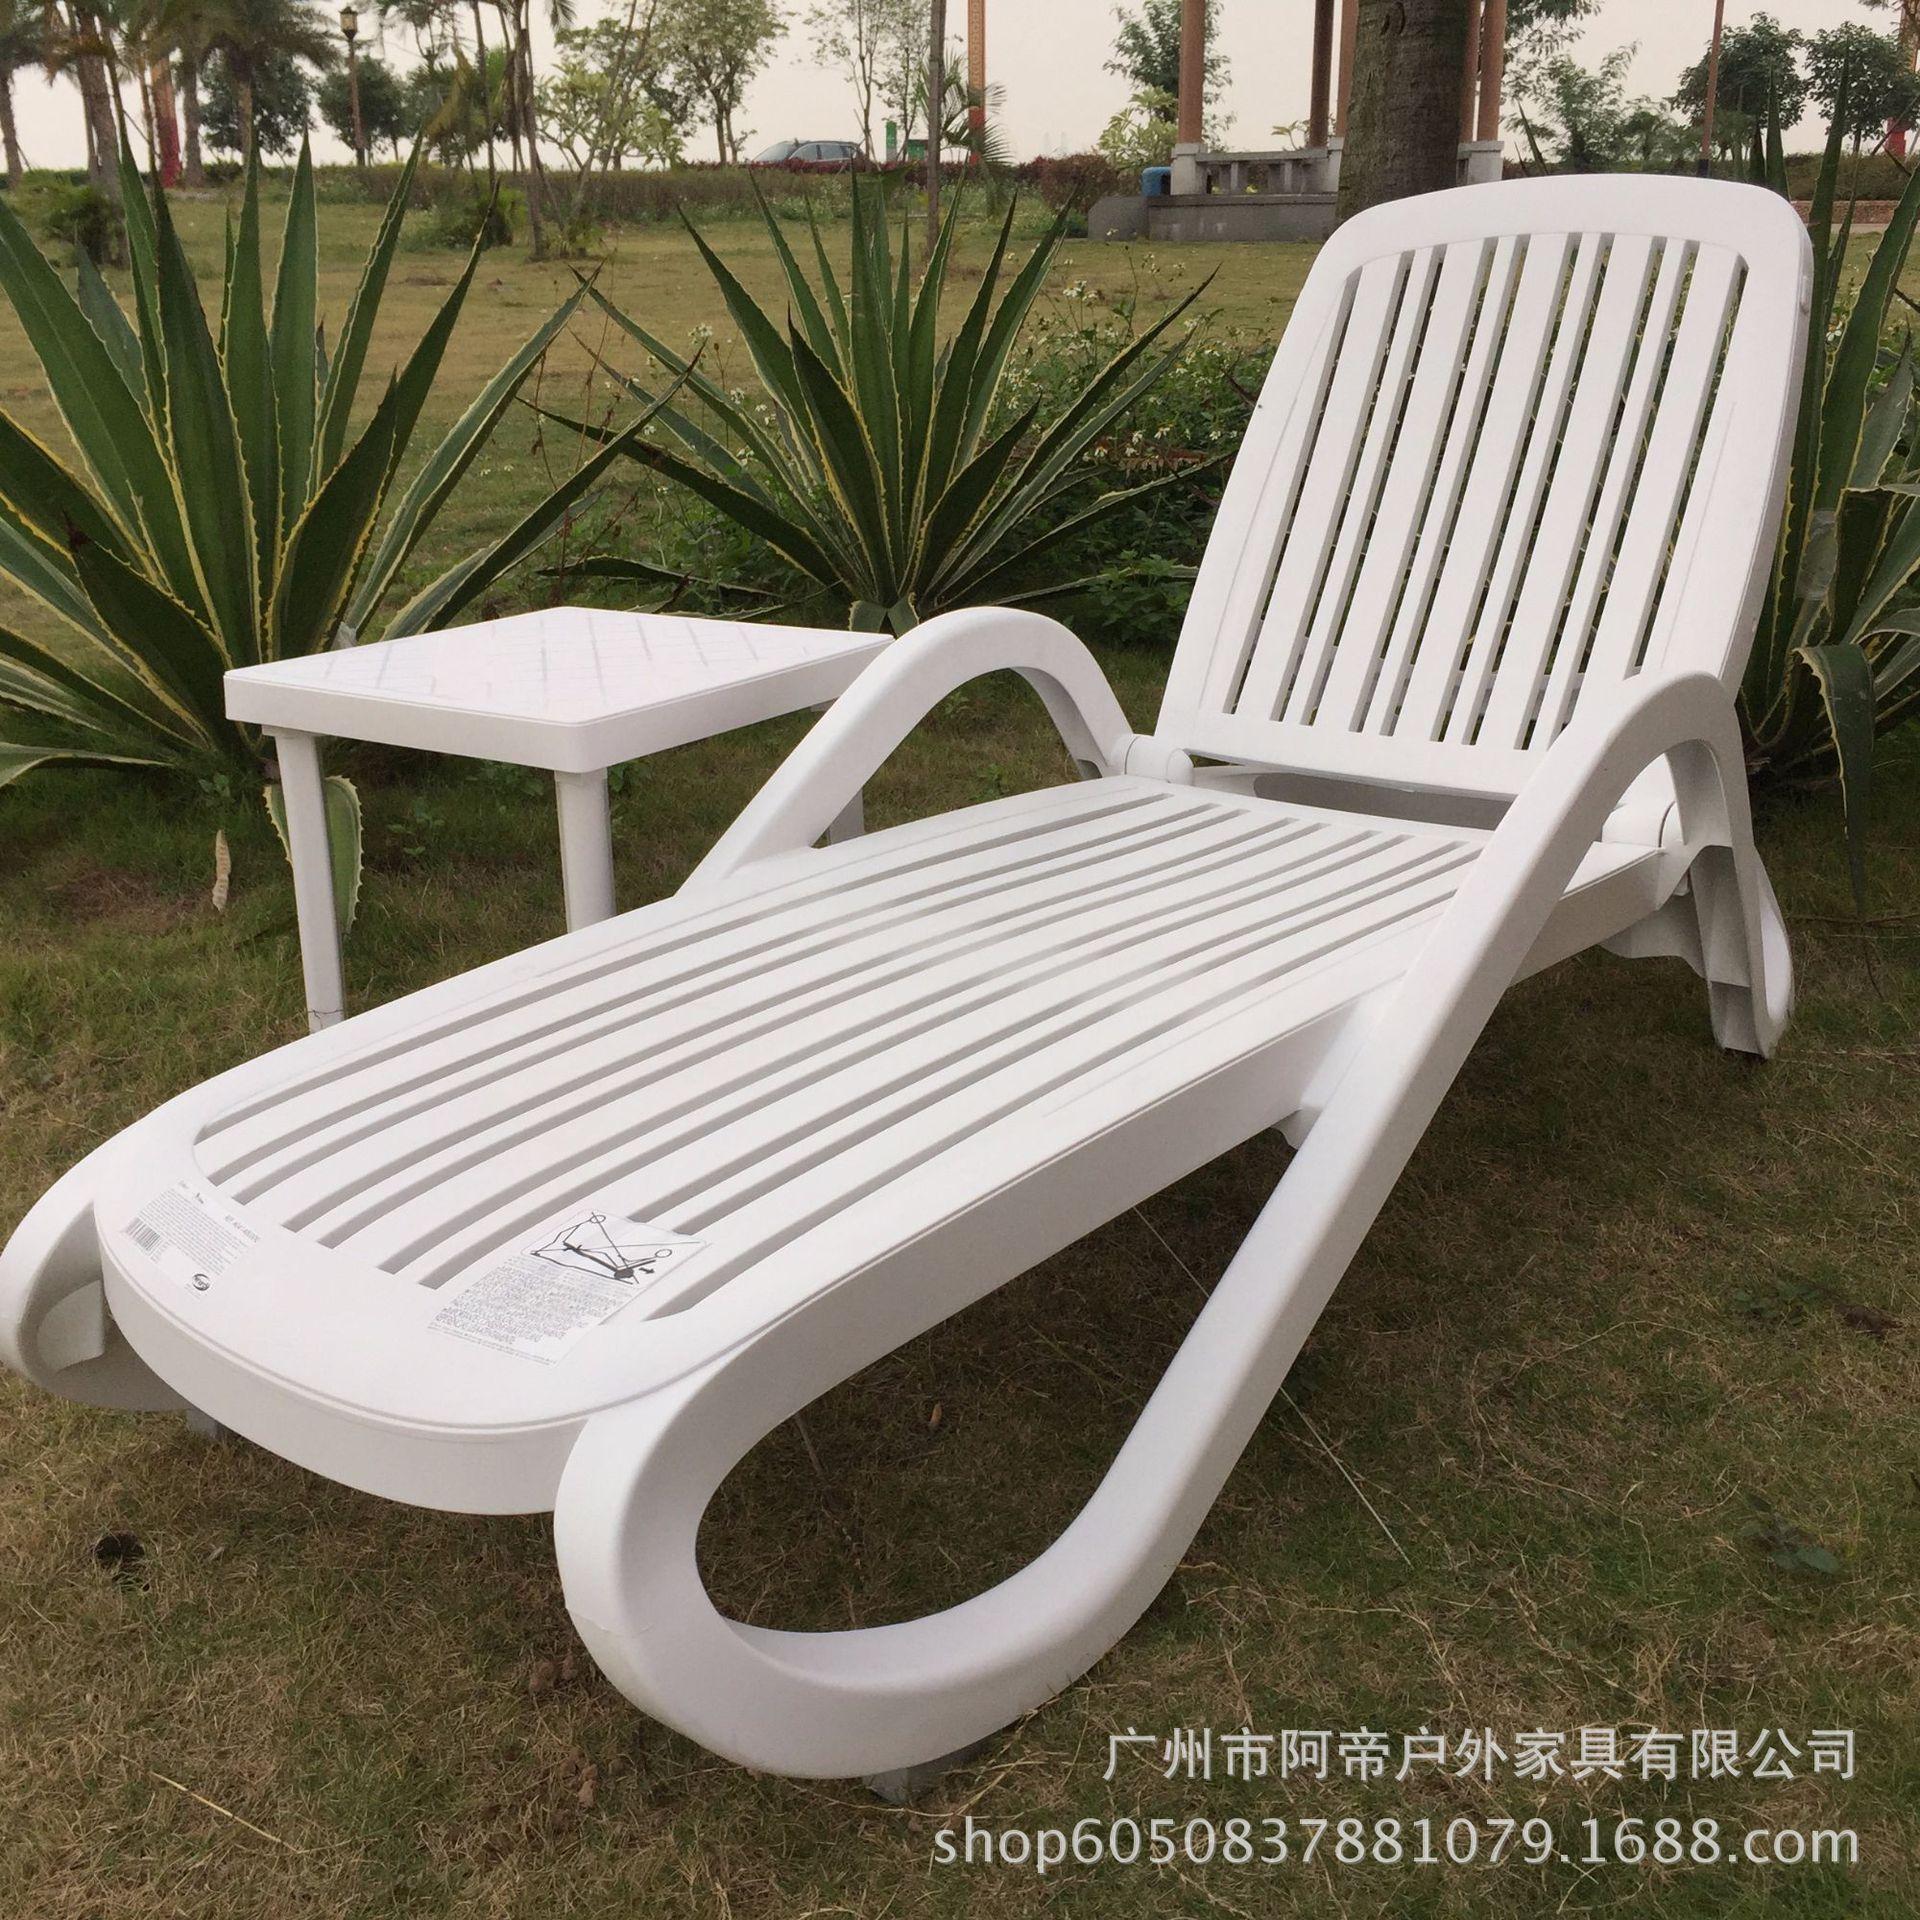 陕西省特价沙滩游泳池馆酒店休闲会所躺椅图片休闲折叠躺椅